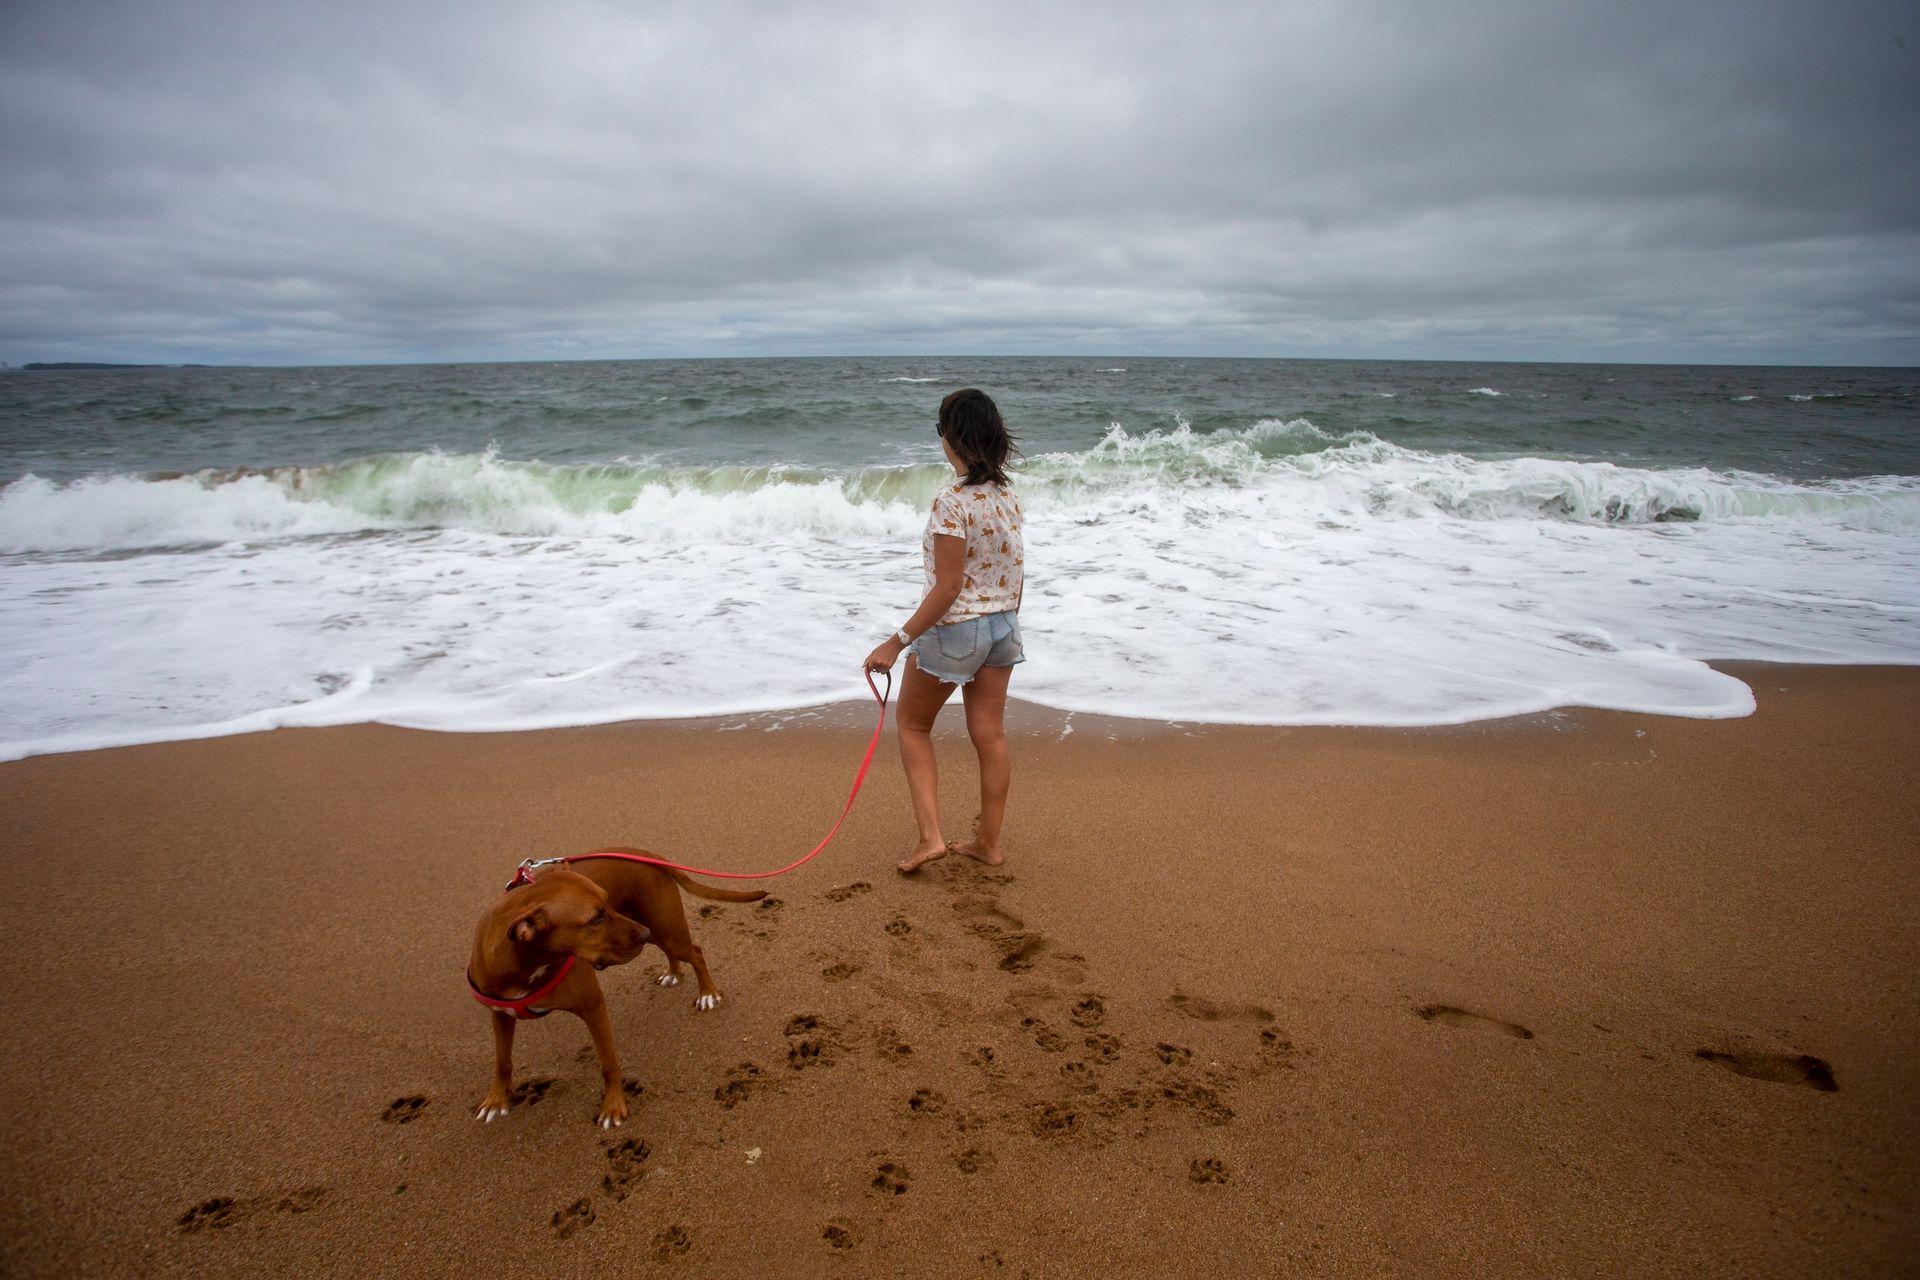 Hasta Cantamar llegó Fernanda junto a dos personas más y un perro que juega tranquilo en la inmensa playa